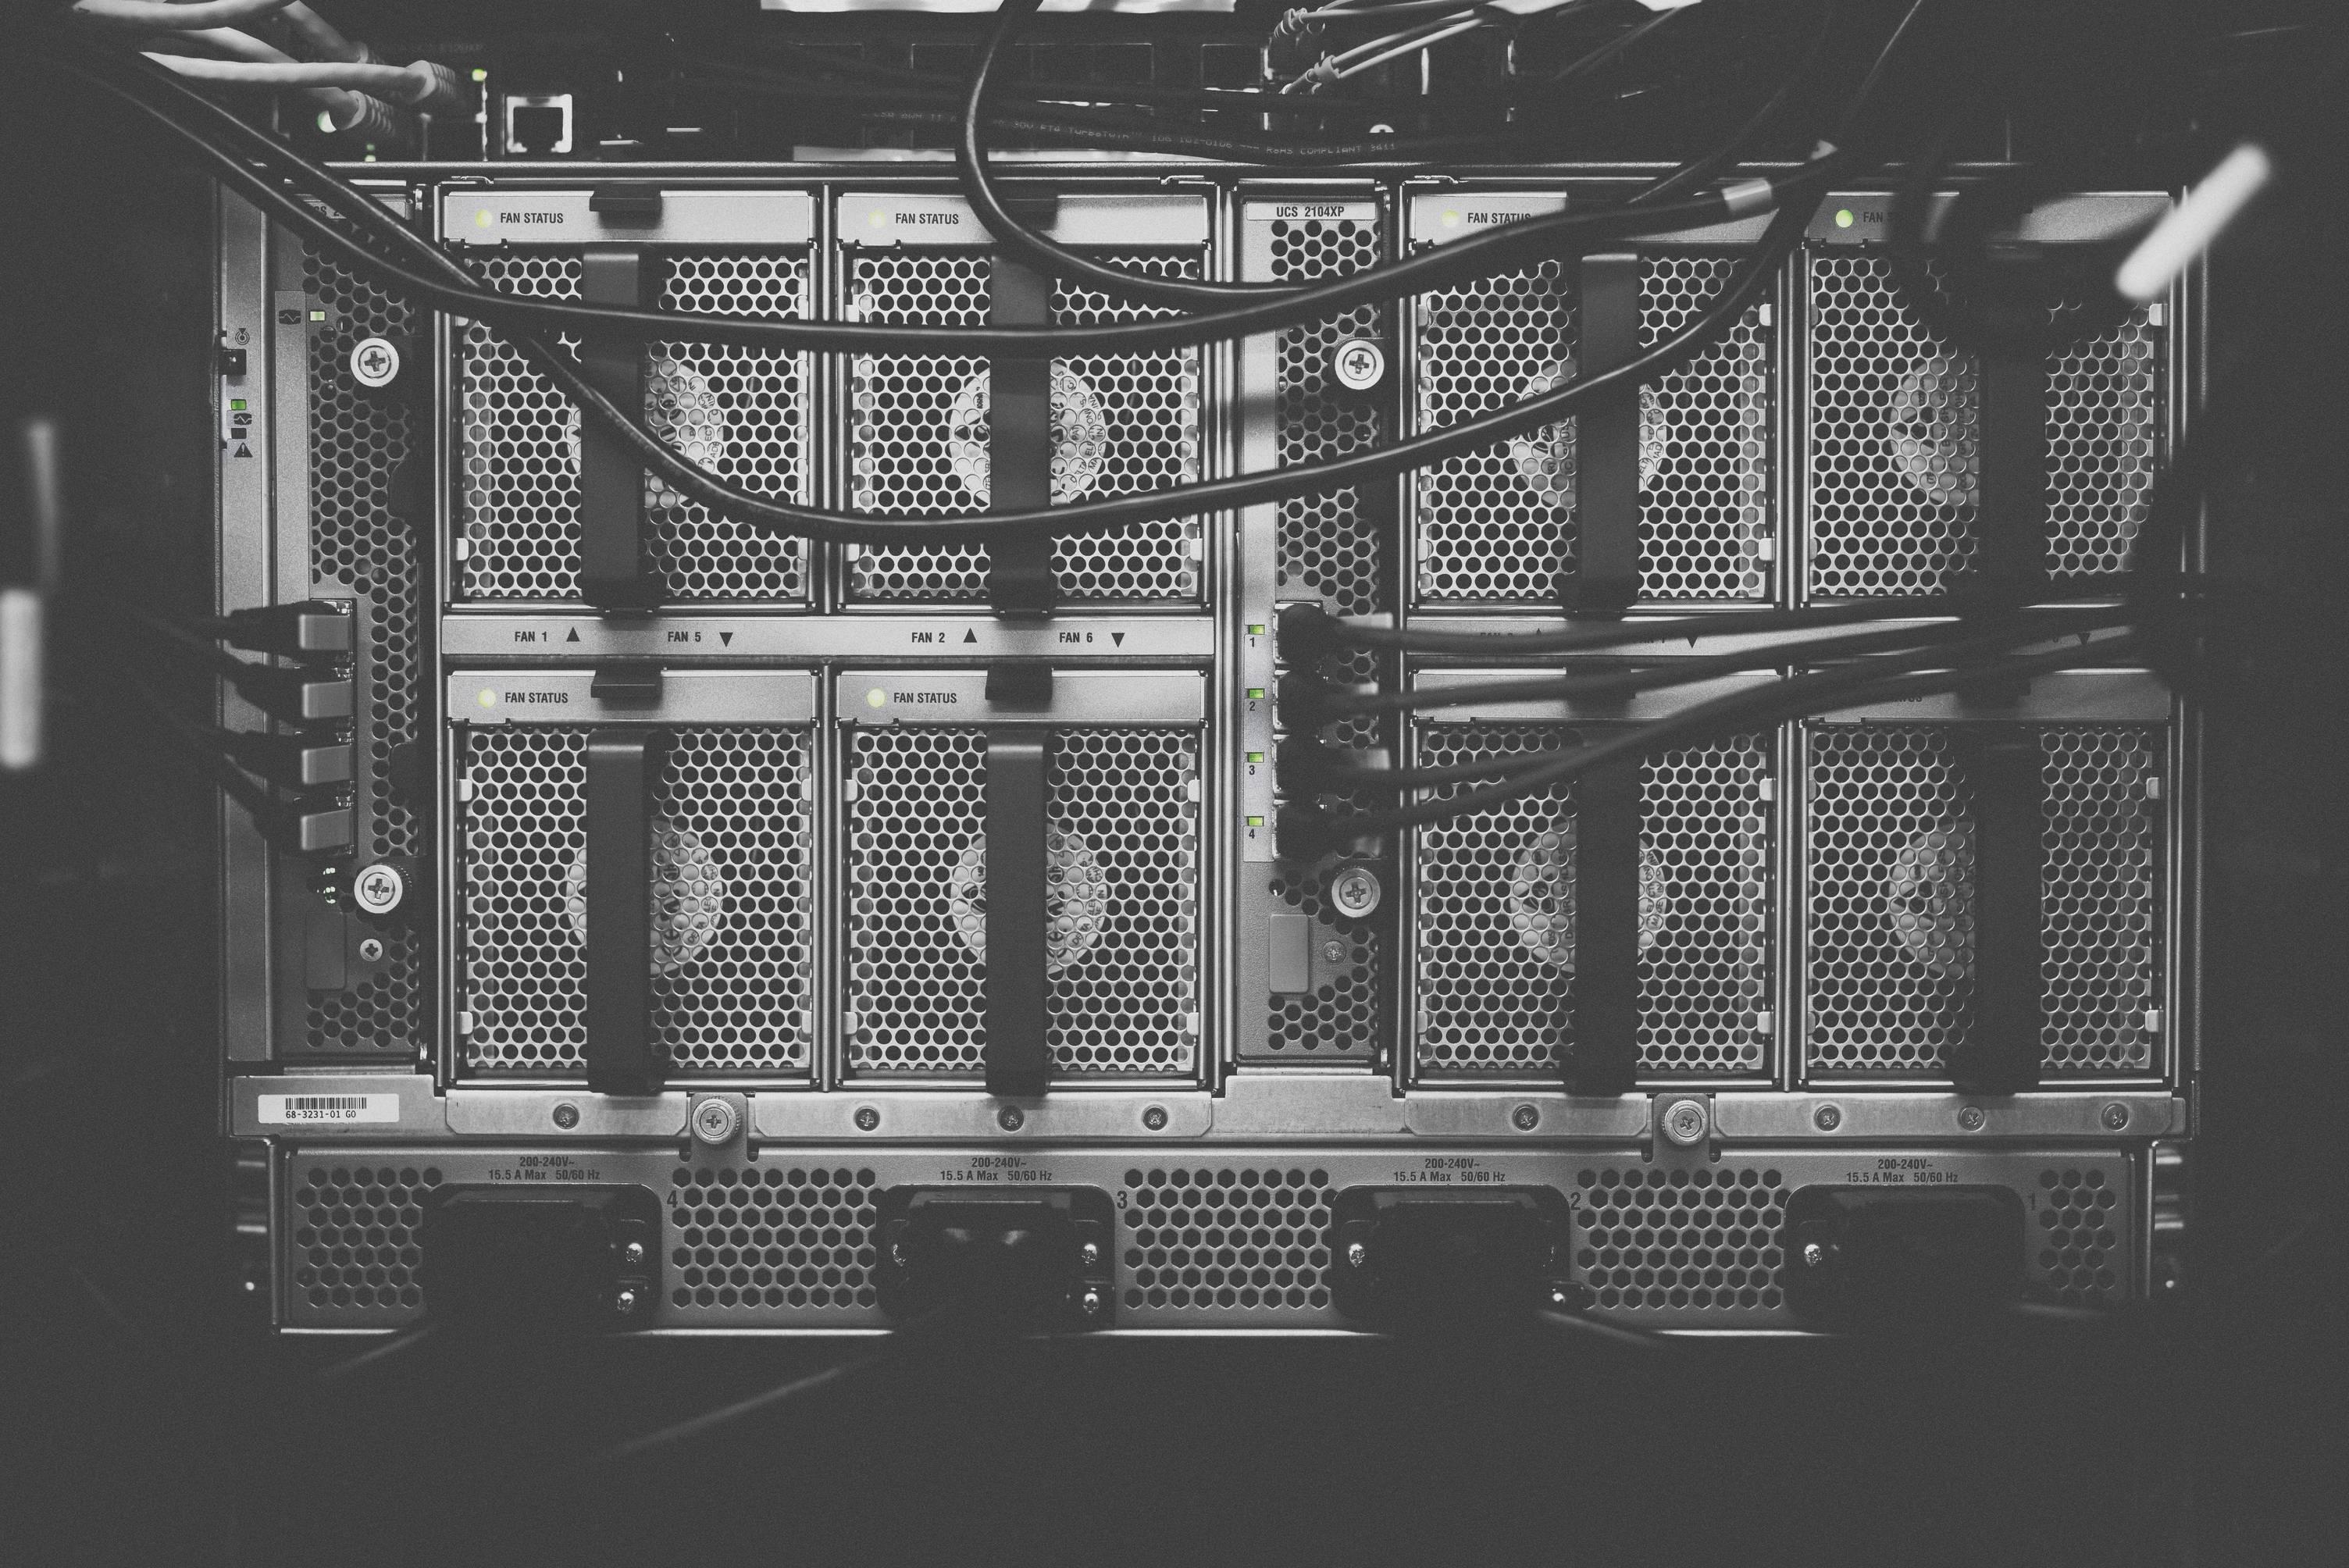 Apa yang Dimaksud dengan Bandwidth? - BLOG IDwebhost